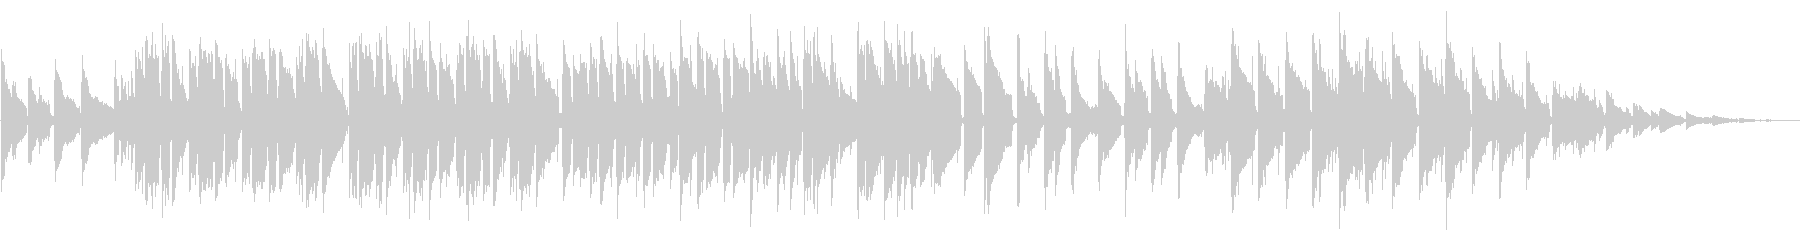 映像、CM向けのアコースティックサウンドの未再生の波形